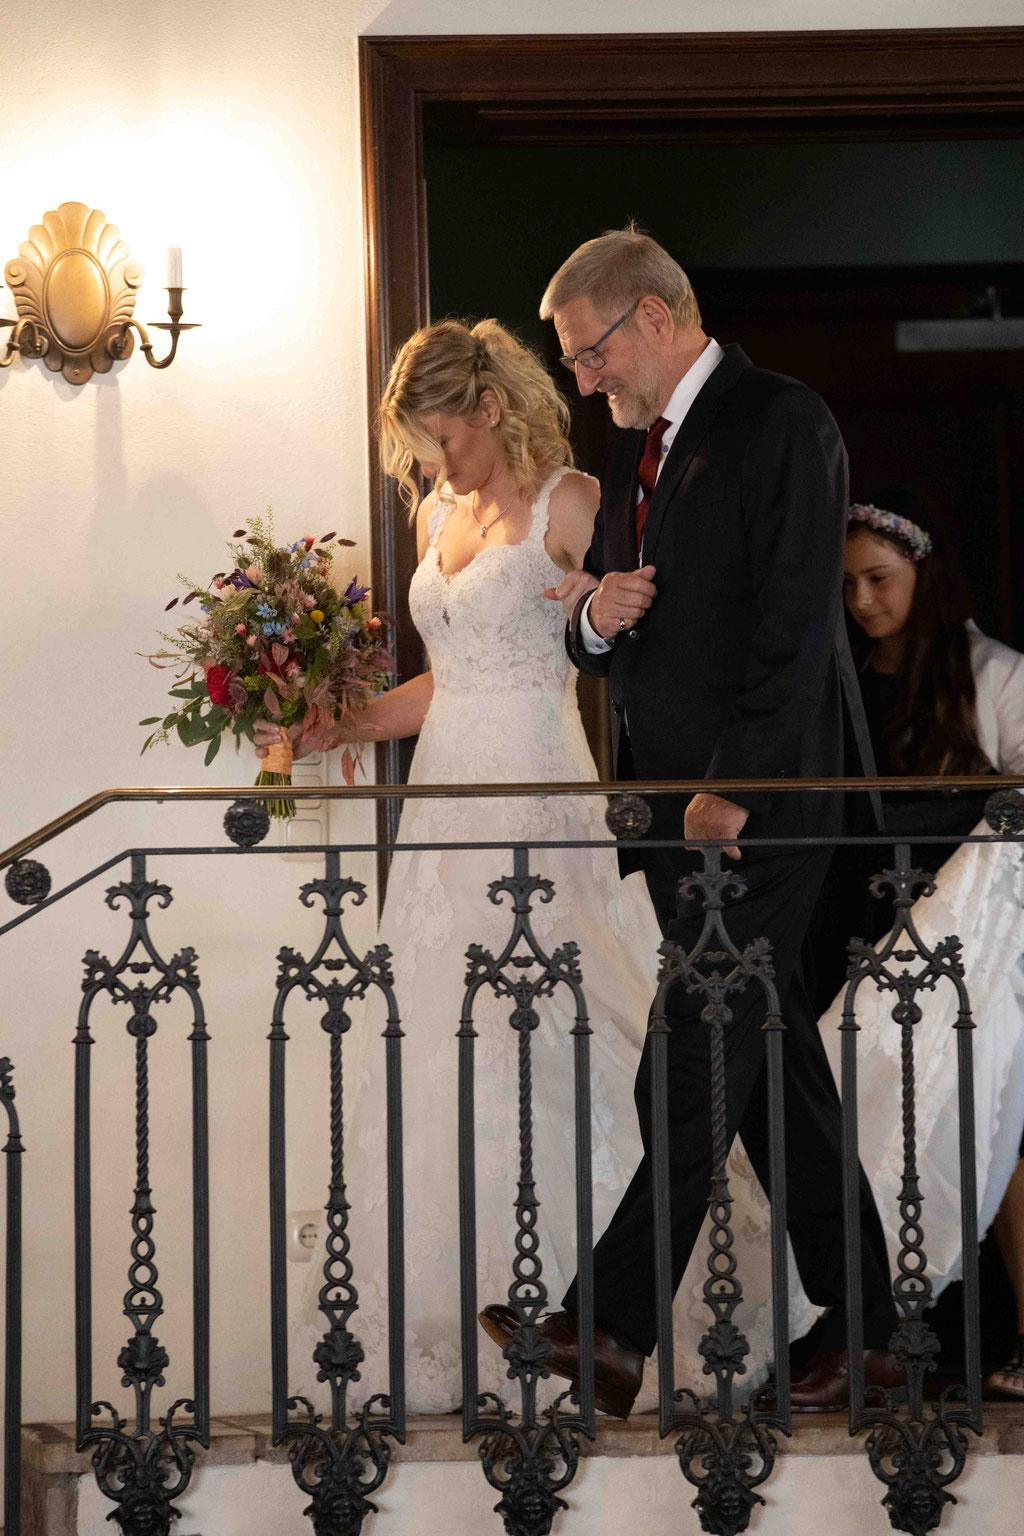 Vater begleitet seine Tochter zu Hochzeit, Weingut Schloss Reinhartshausen, Hauptstraße 39, 65346 Eltville am Rhein